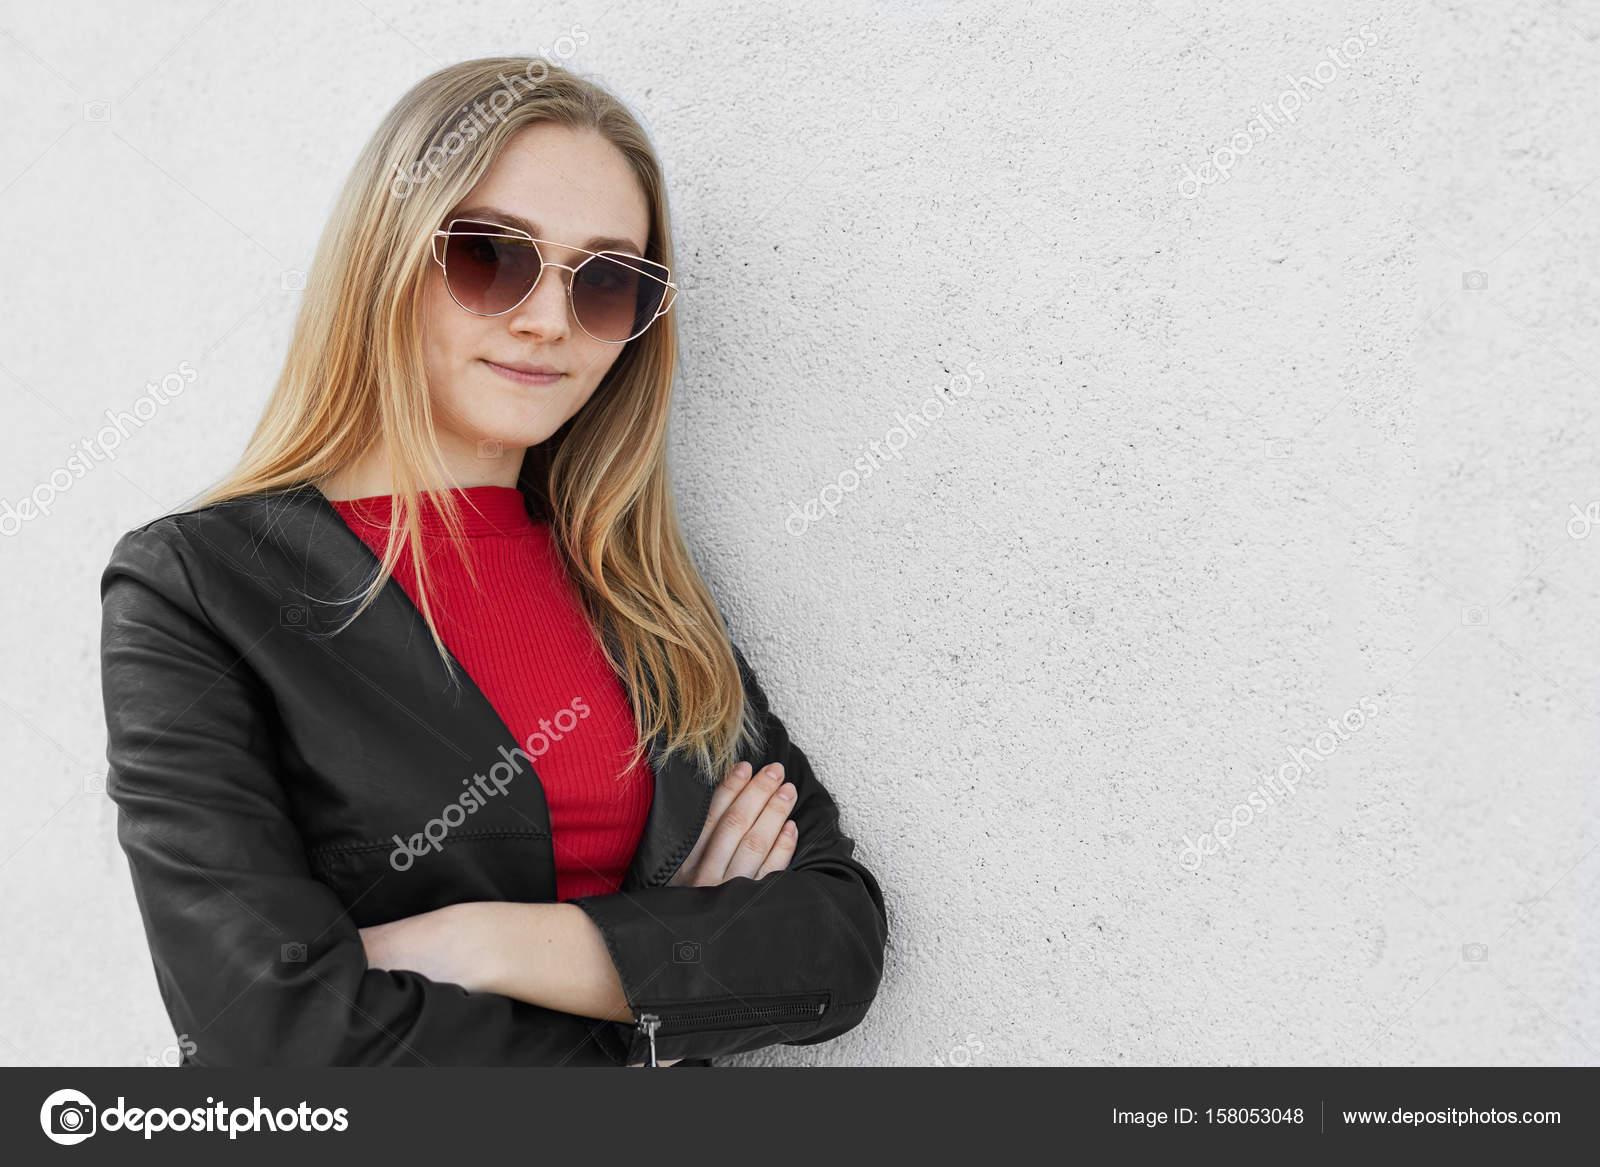 garantie de haute qualité vêtements de sport de performance achats Portrait d'une femme belle cool lunettes de soleil, debout ...